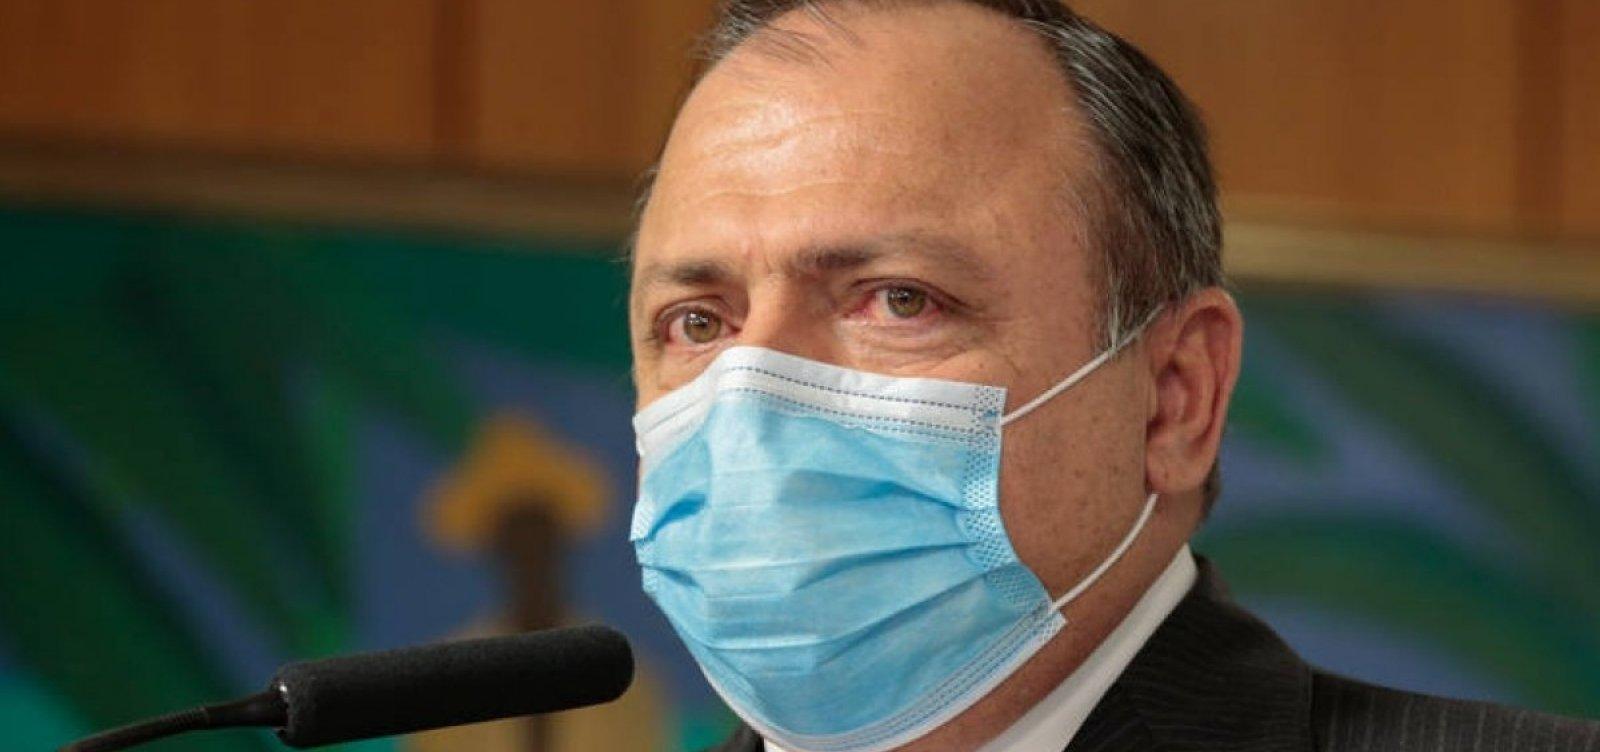 Ministério da Saúde avalia fazer evento para celebrar início da vacinação contra Covid-19